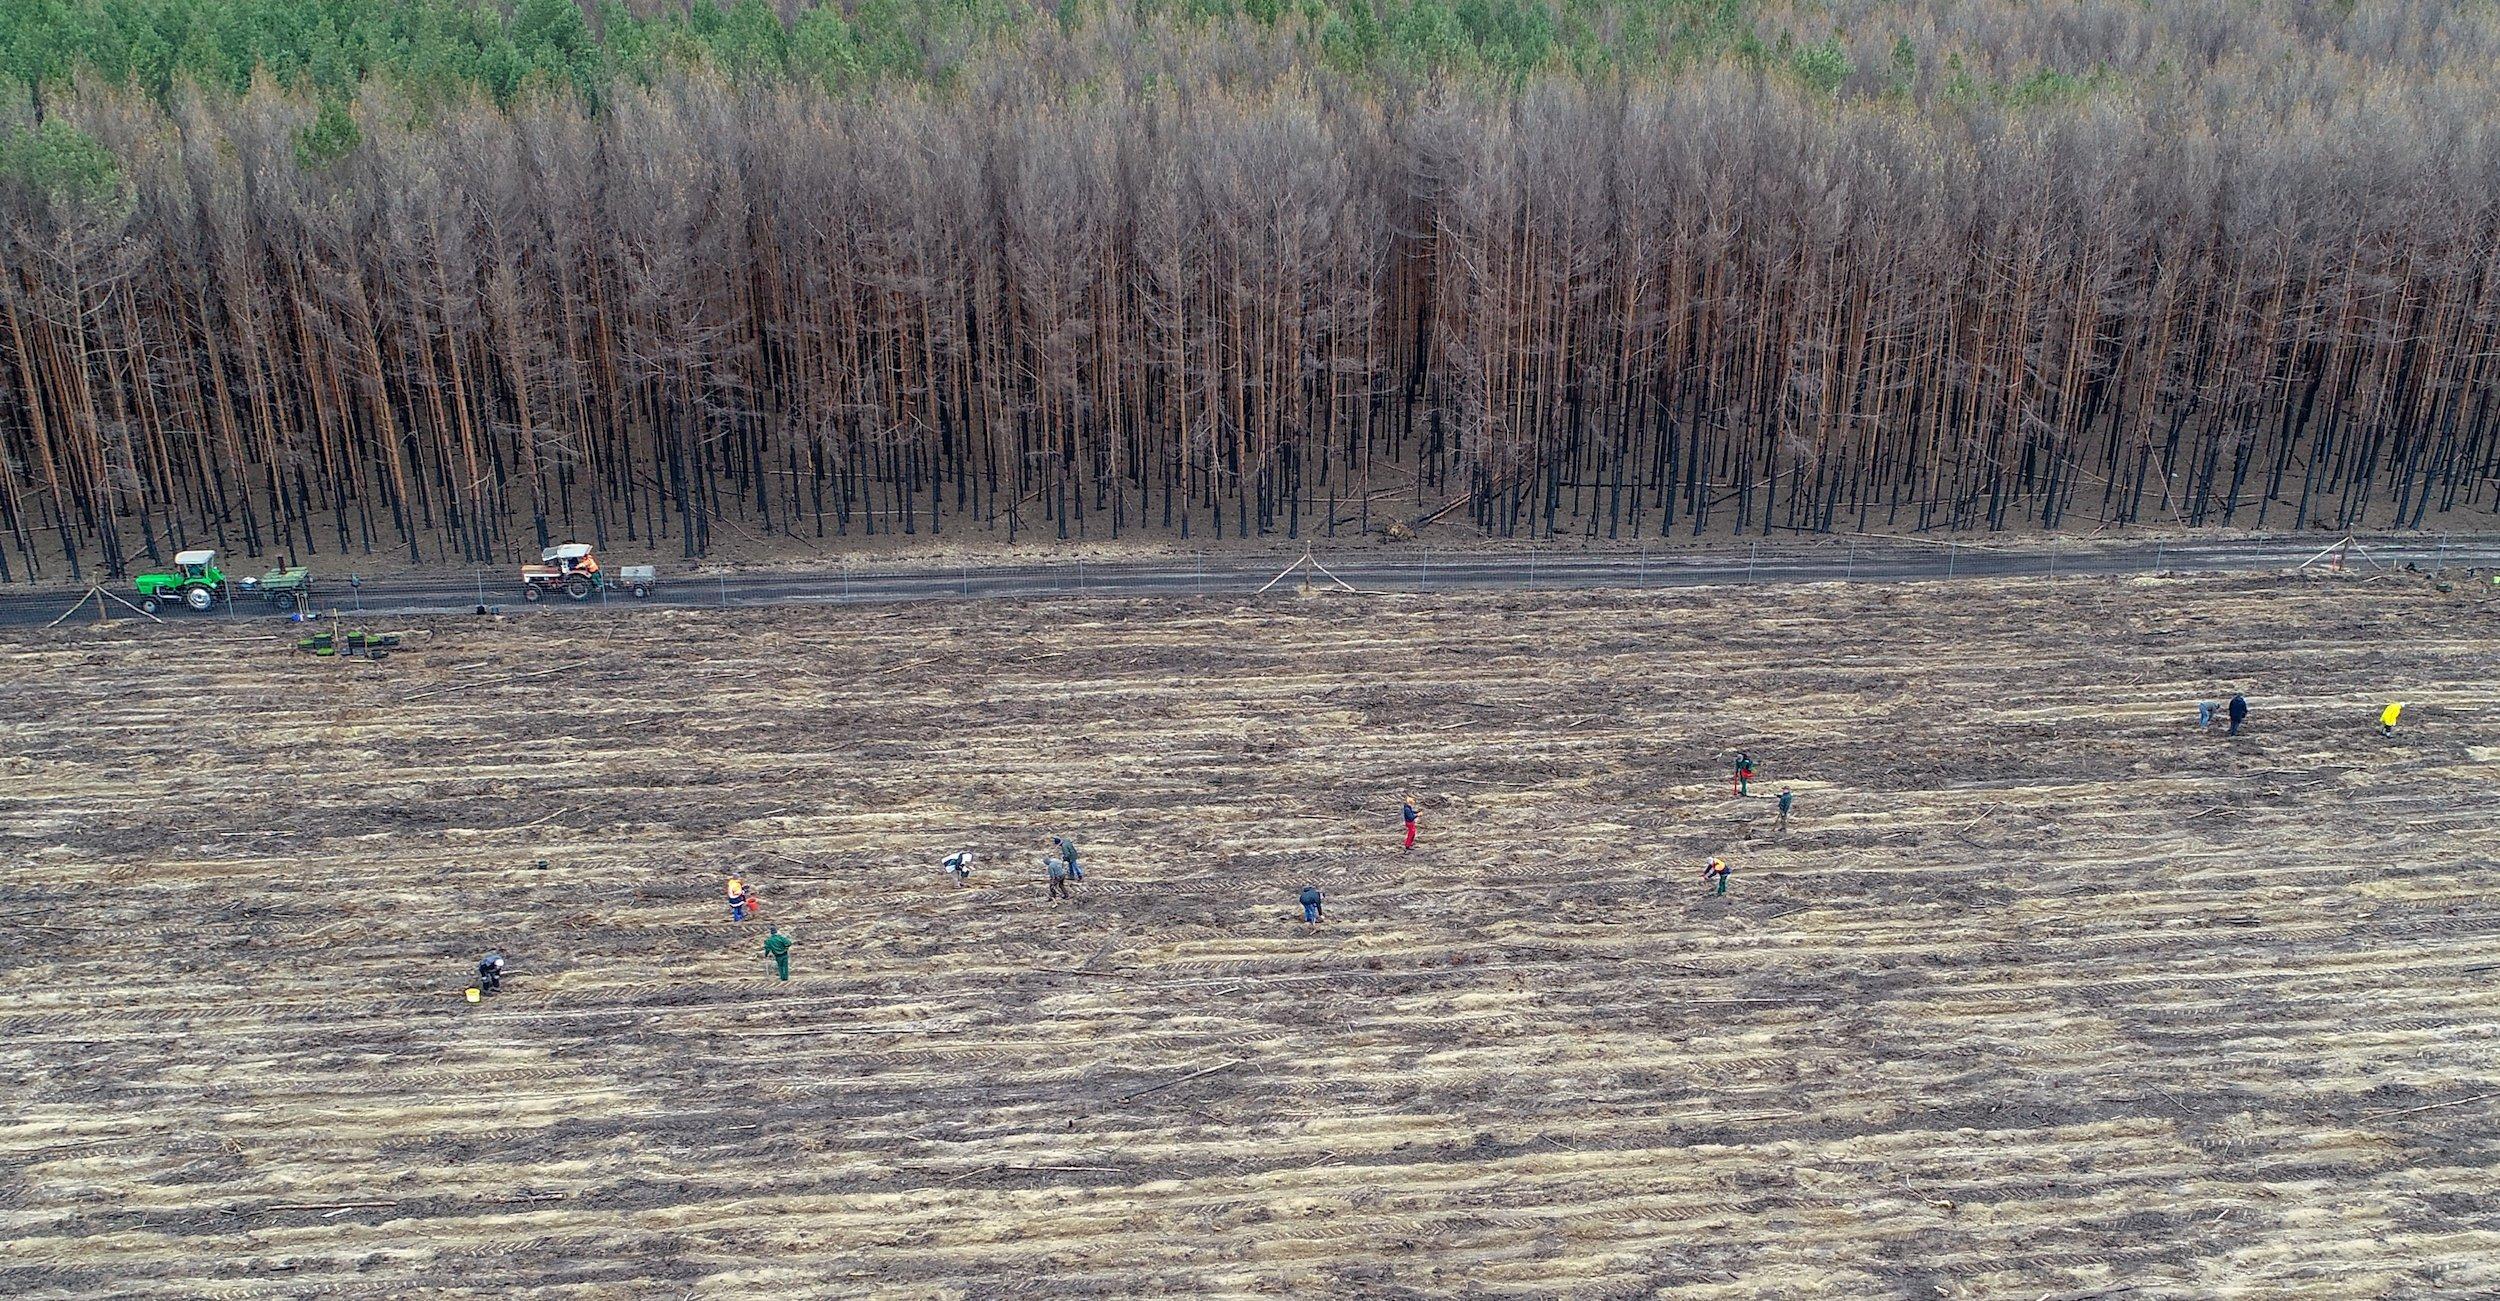 Die Luftaufnahme zeigt in der oberen Hälfte eine Kiefern-Monokultur mit Brandschäden, in der unteren Hälfte Menschen auf einer kahlen Fläche, die Bäume pflanzen.